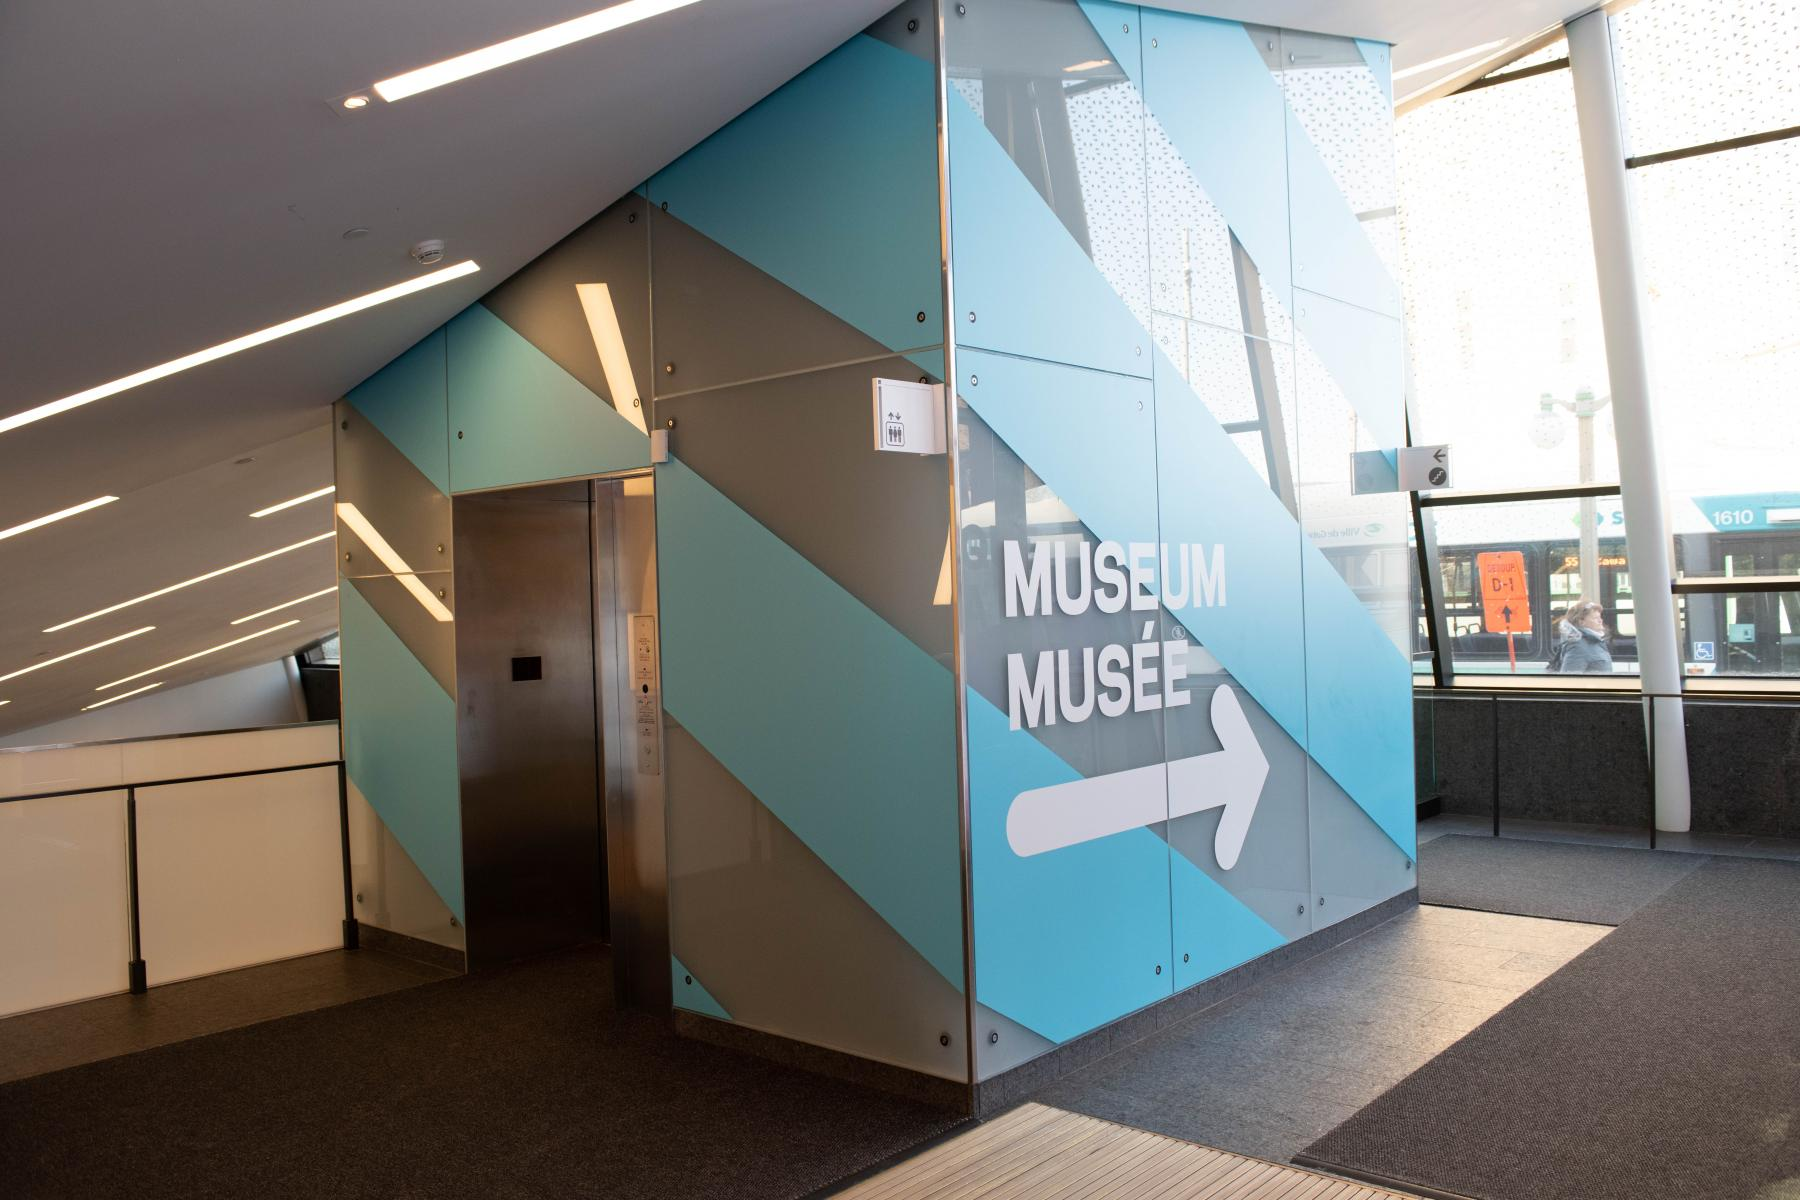 vue de l'étage supérieur de l'entrée du Musée